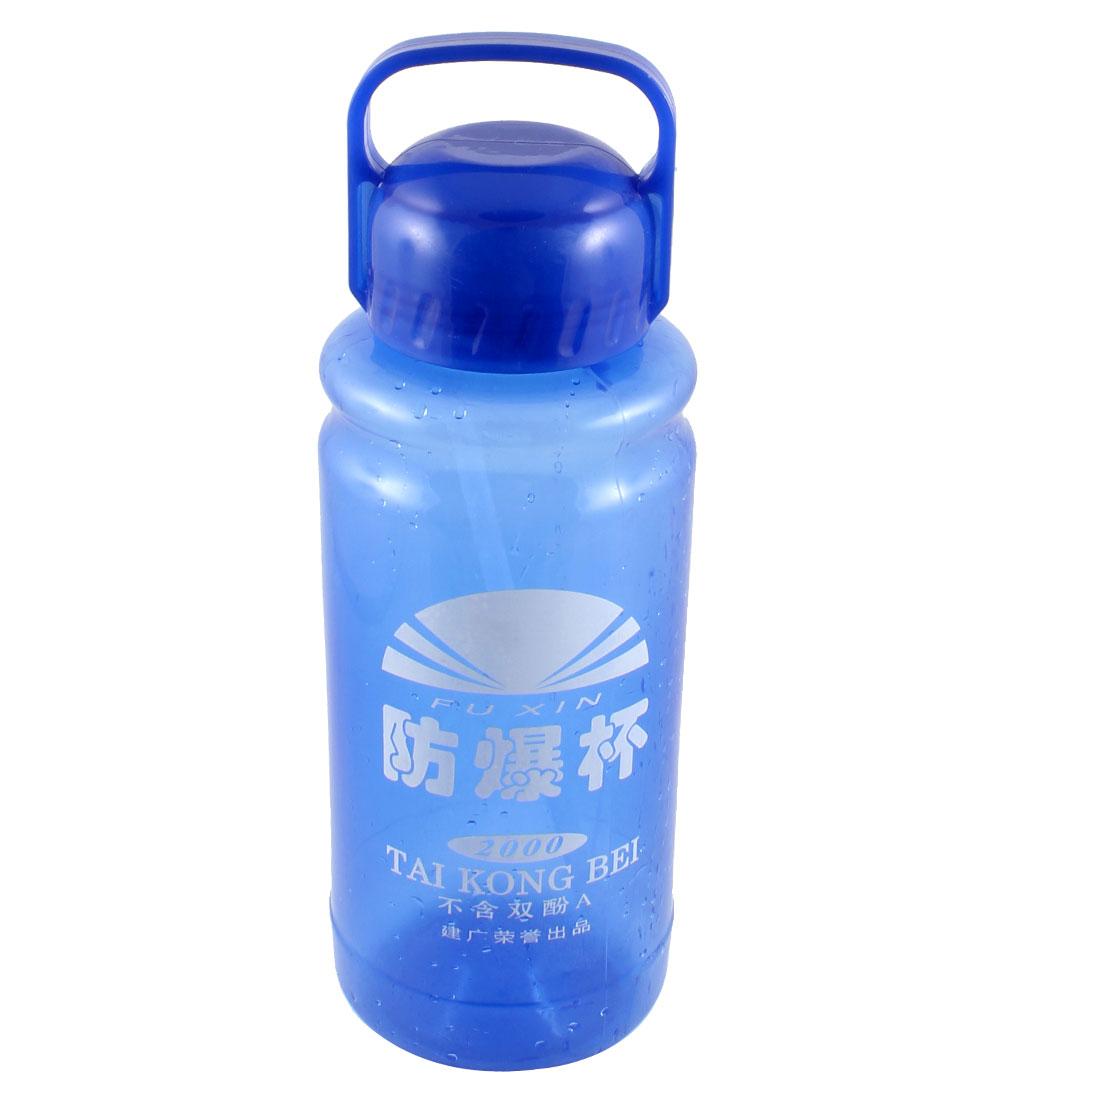 Unique Bargains Unique Bargains Portable Cylinder Shaped Tea Water Drinking Bottle Cup Clear Blue 2000ml